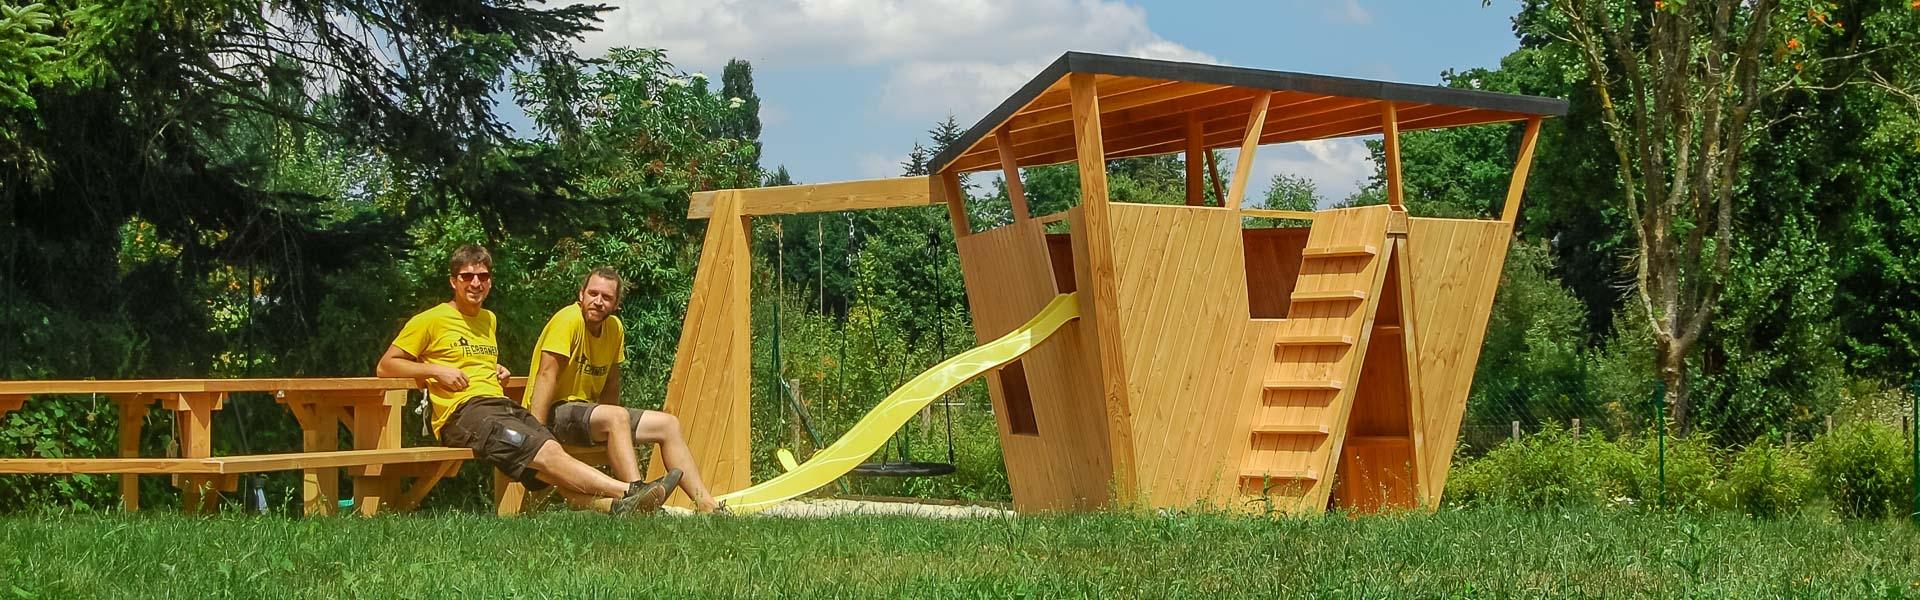 Maison Pour Enfant Exterieur la cabanerie ⋆ structures bois sur mesure